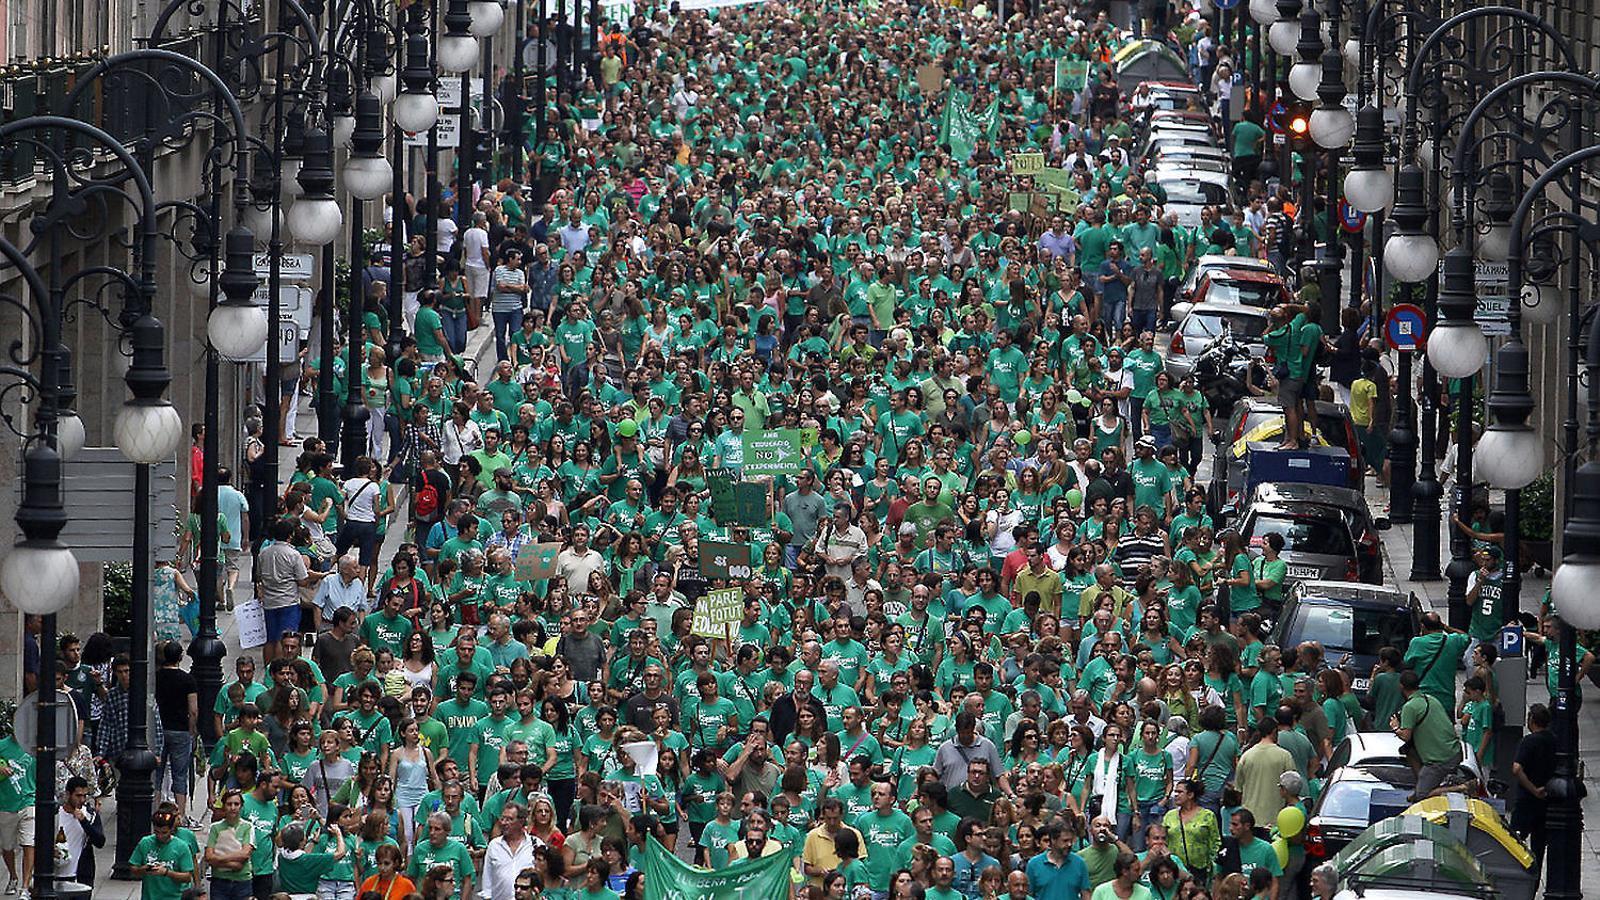 REACCIÓ HISTÒRICA  Més de 100.000 persones es manifestaren les Illes Balears contra el TIL, l'alternativa de Bauzá   A la lliure elecció de llengua que Rajoy vol per a Catalunya.